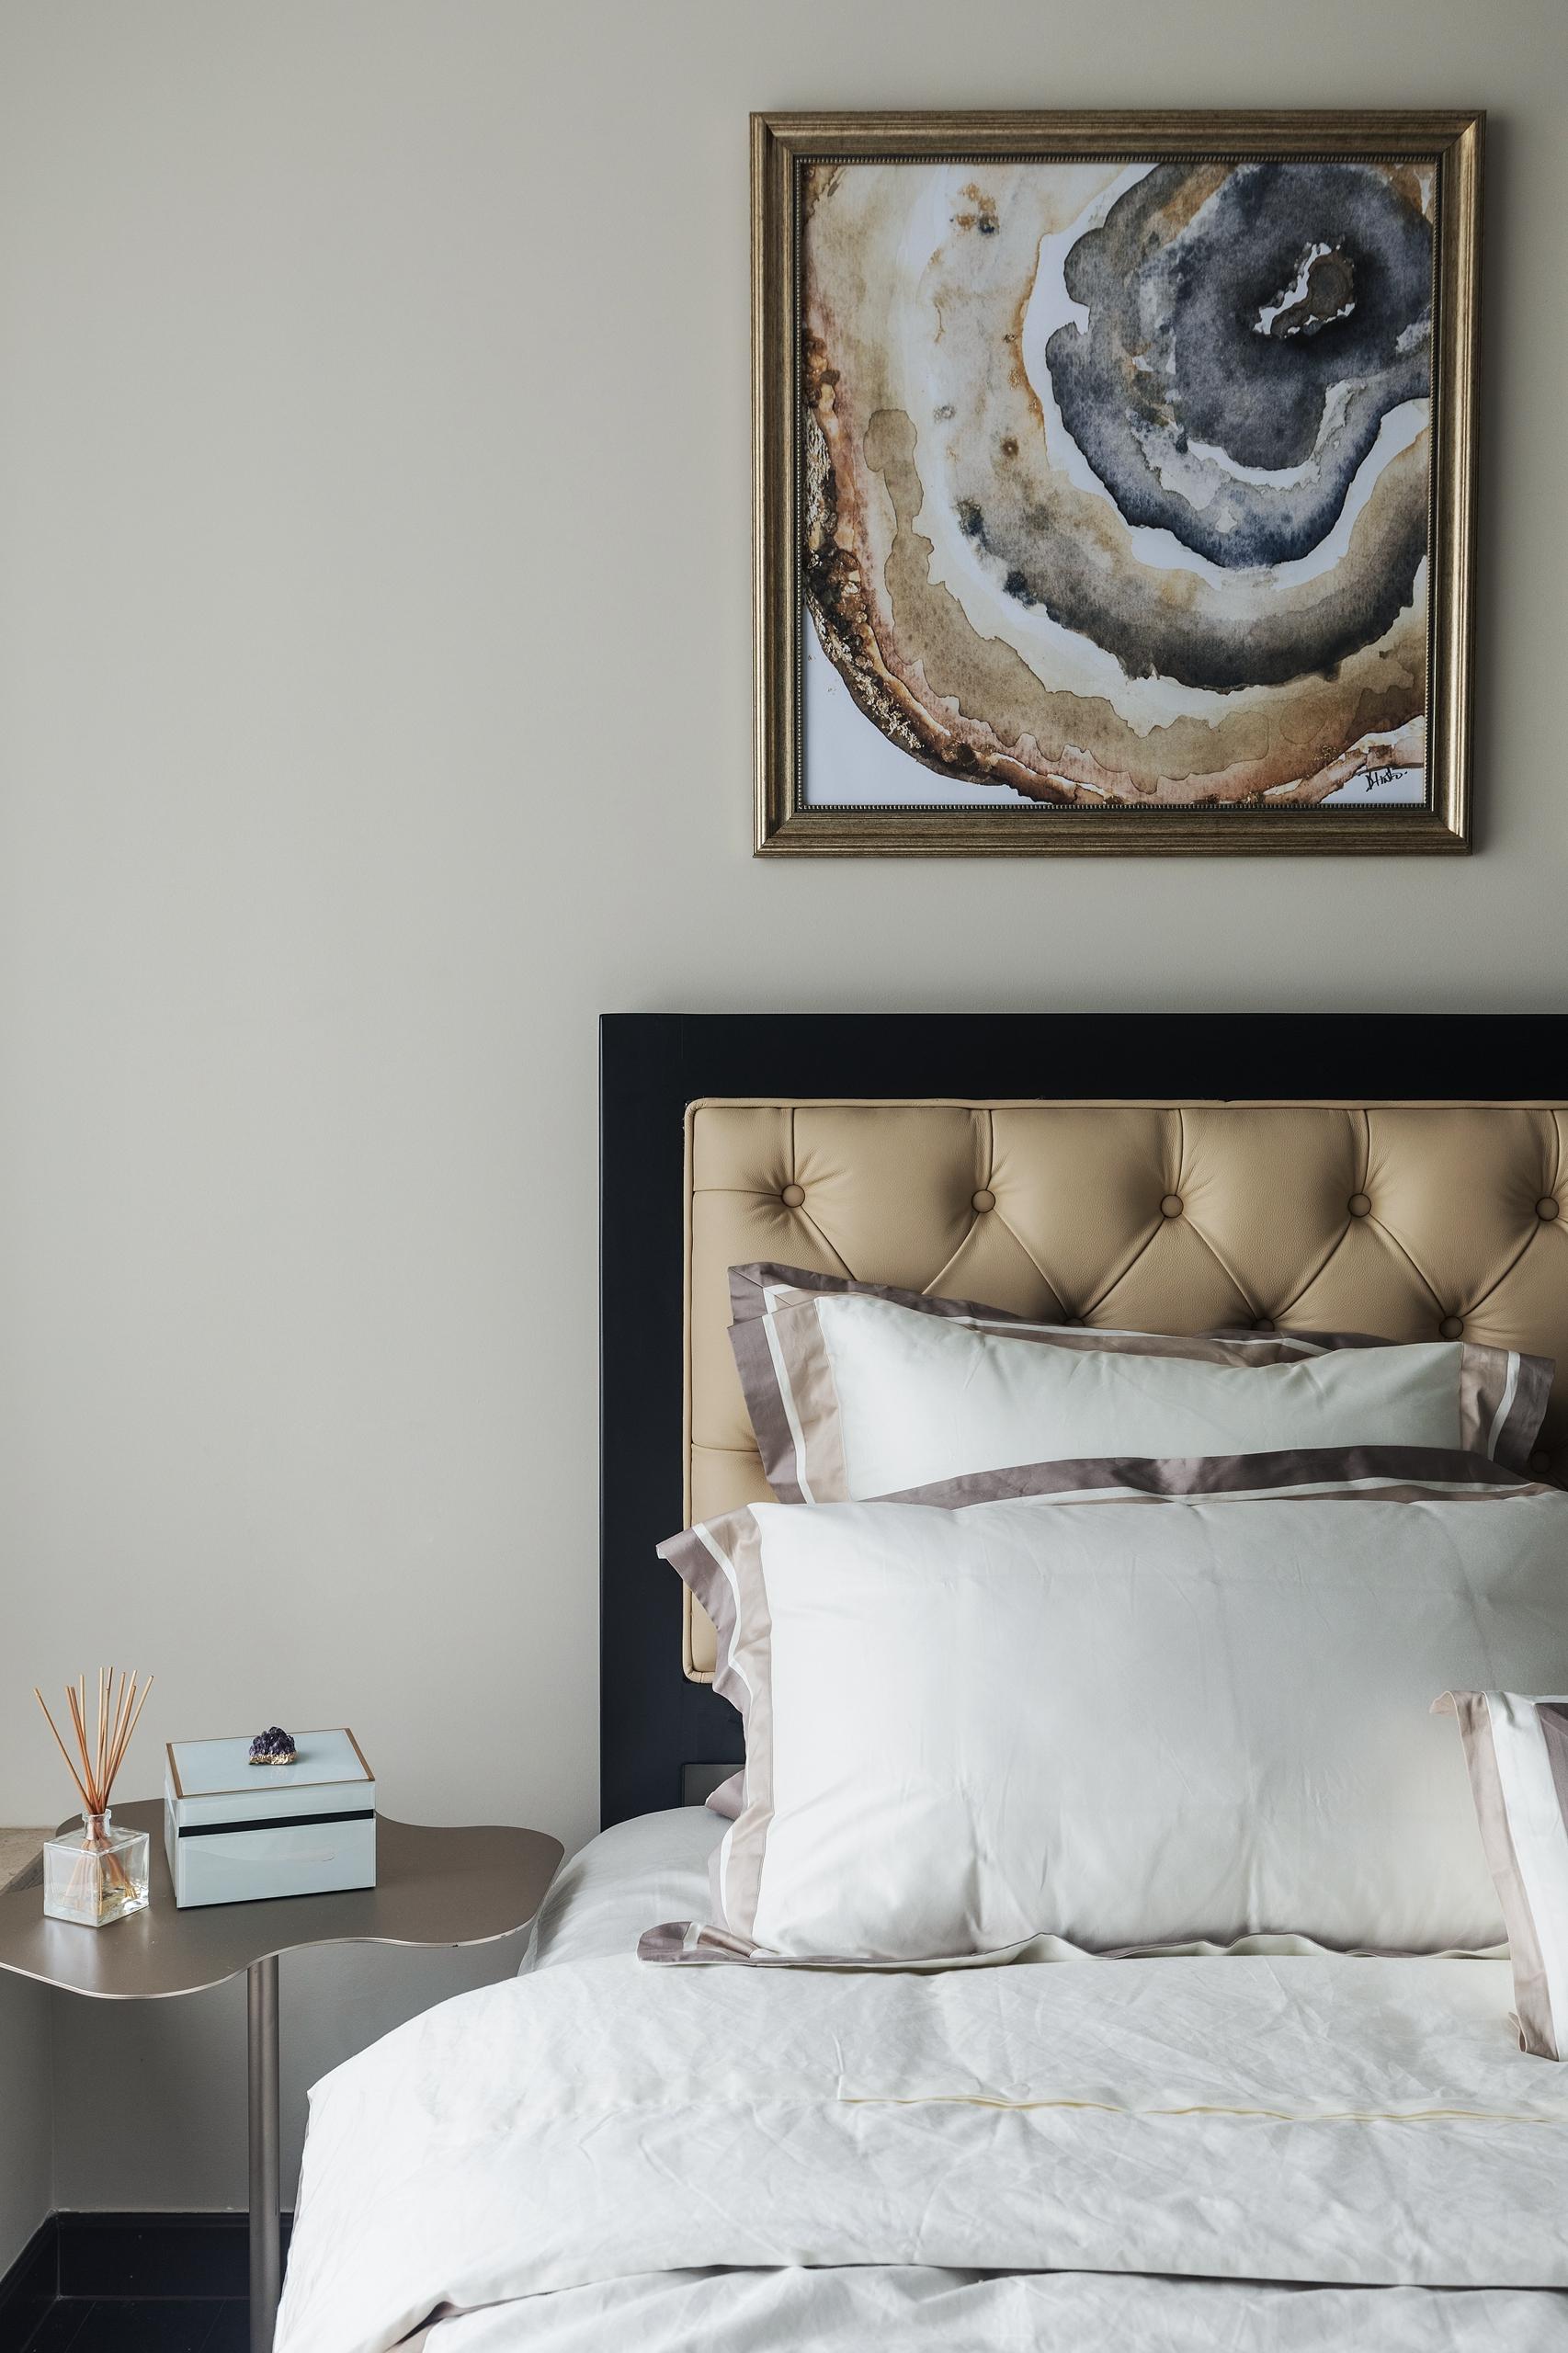 质朴123平简欧三居卧室装修图片卧室床头柜2图北欧极简卧室设计图片赏析